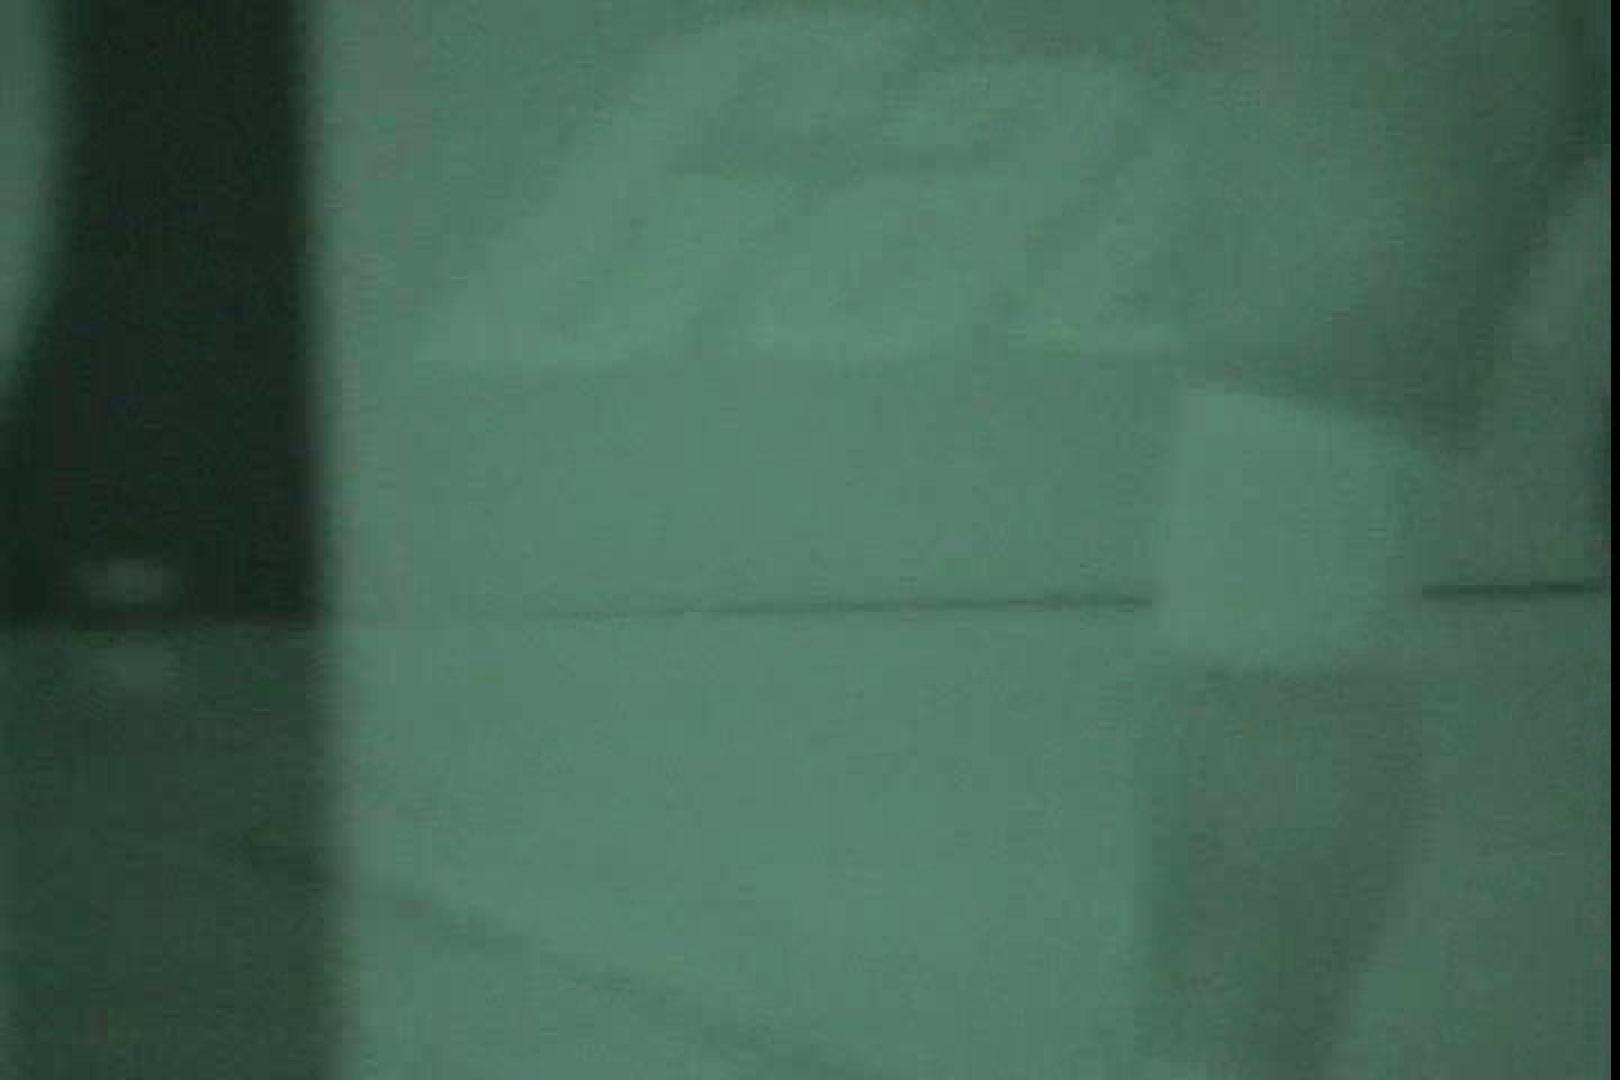 赤外線ムレスケバレー(汗) vol.07 アスリート  81枚 75